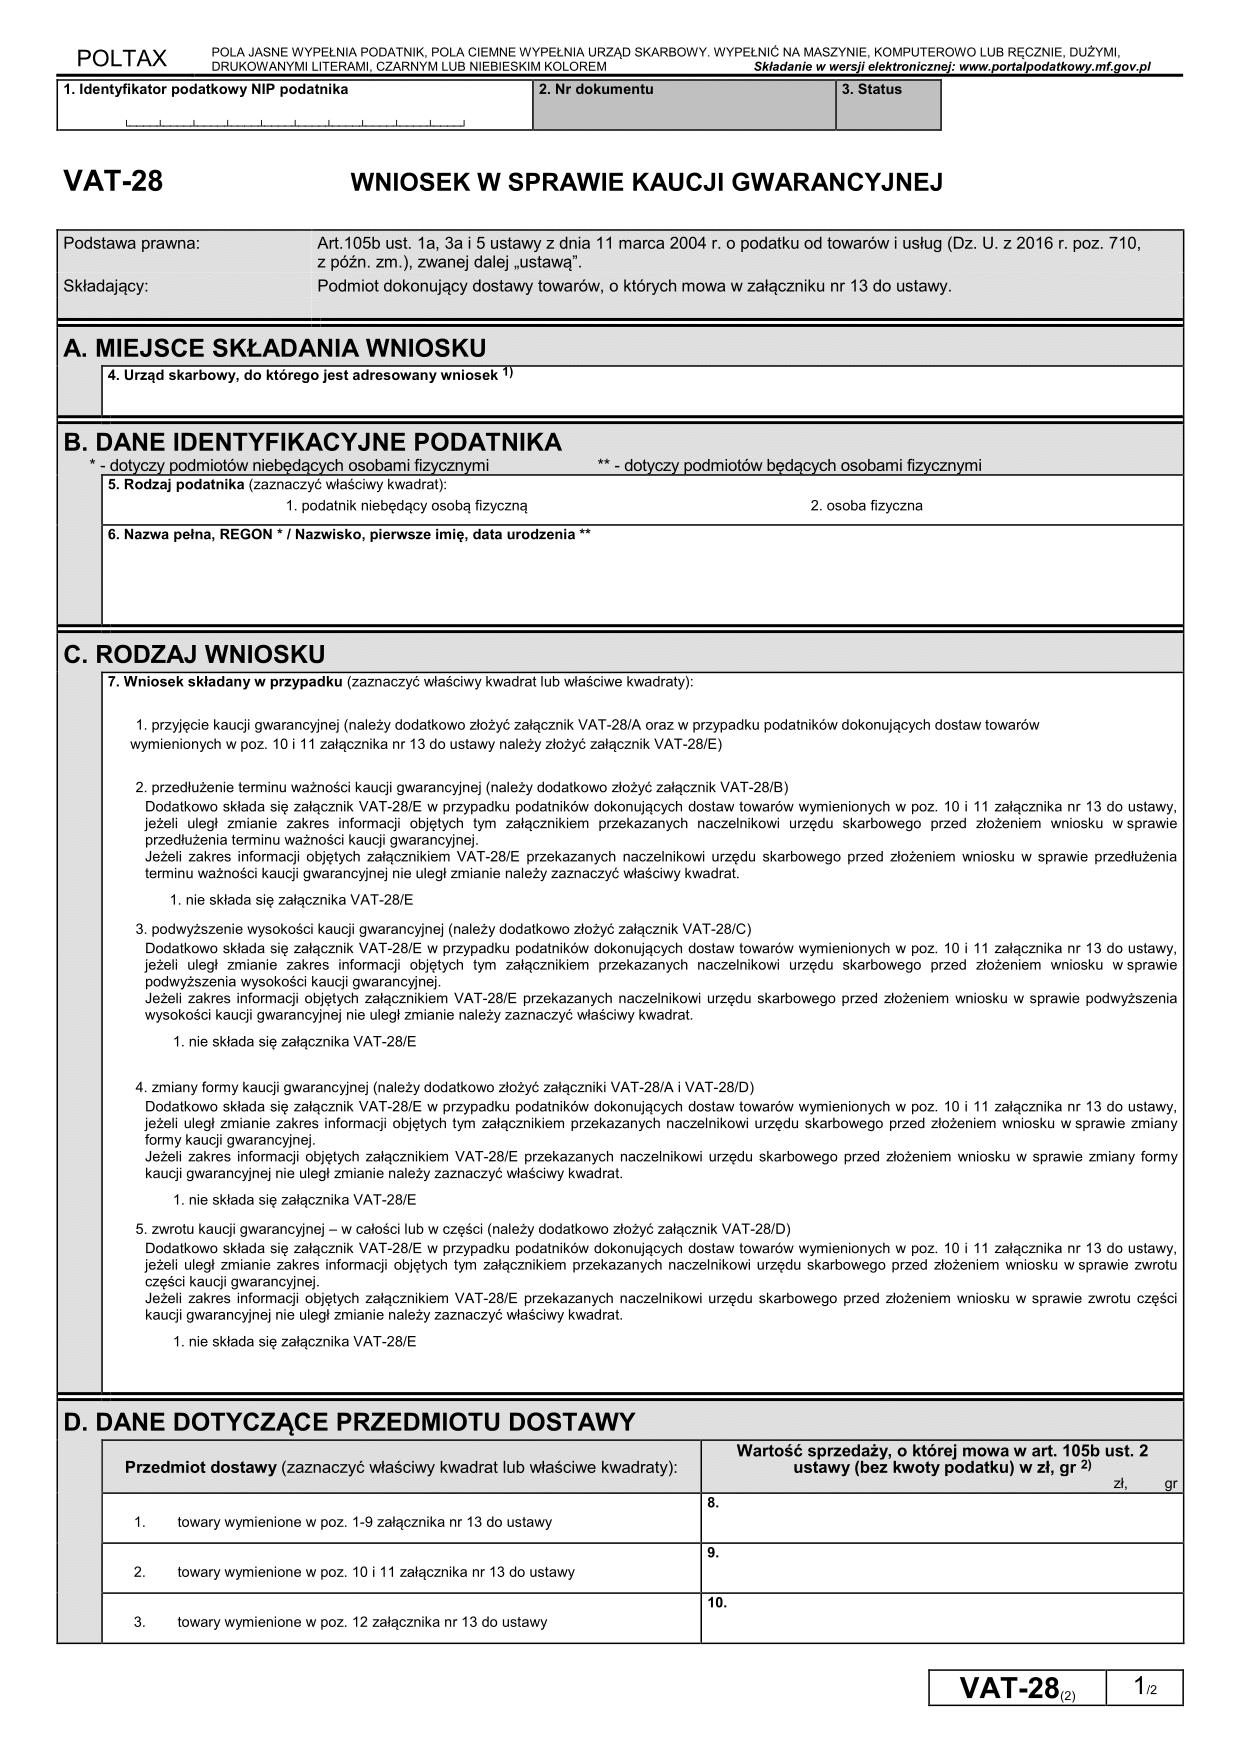 VAT-28 (2) Wniosek w sprawie kaucji gwarancyjnej